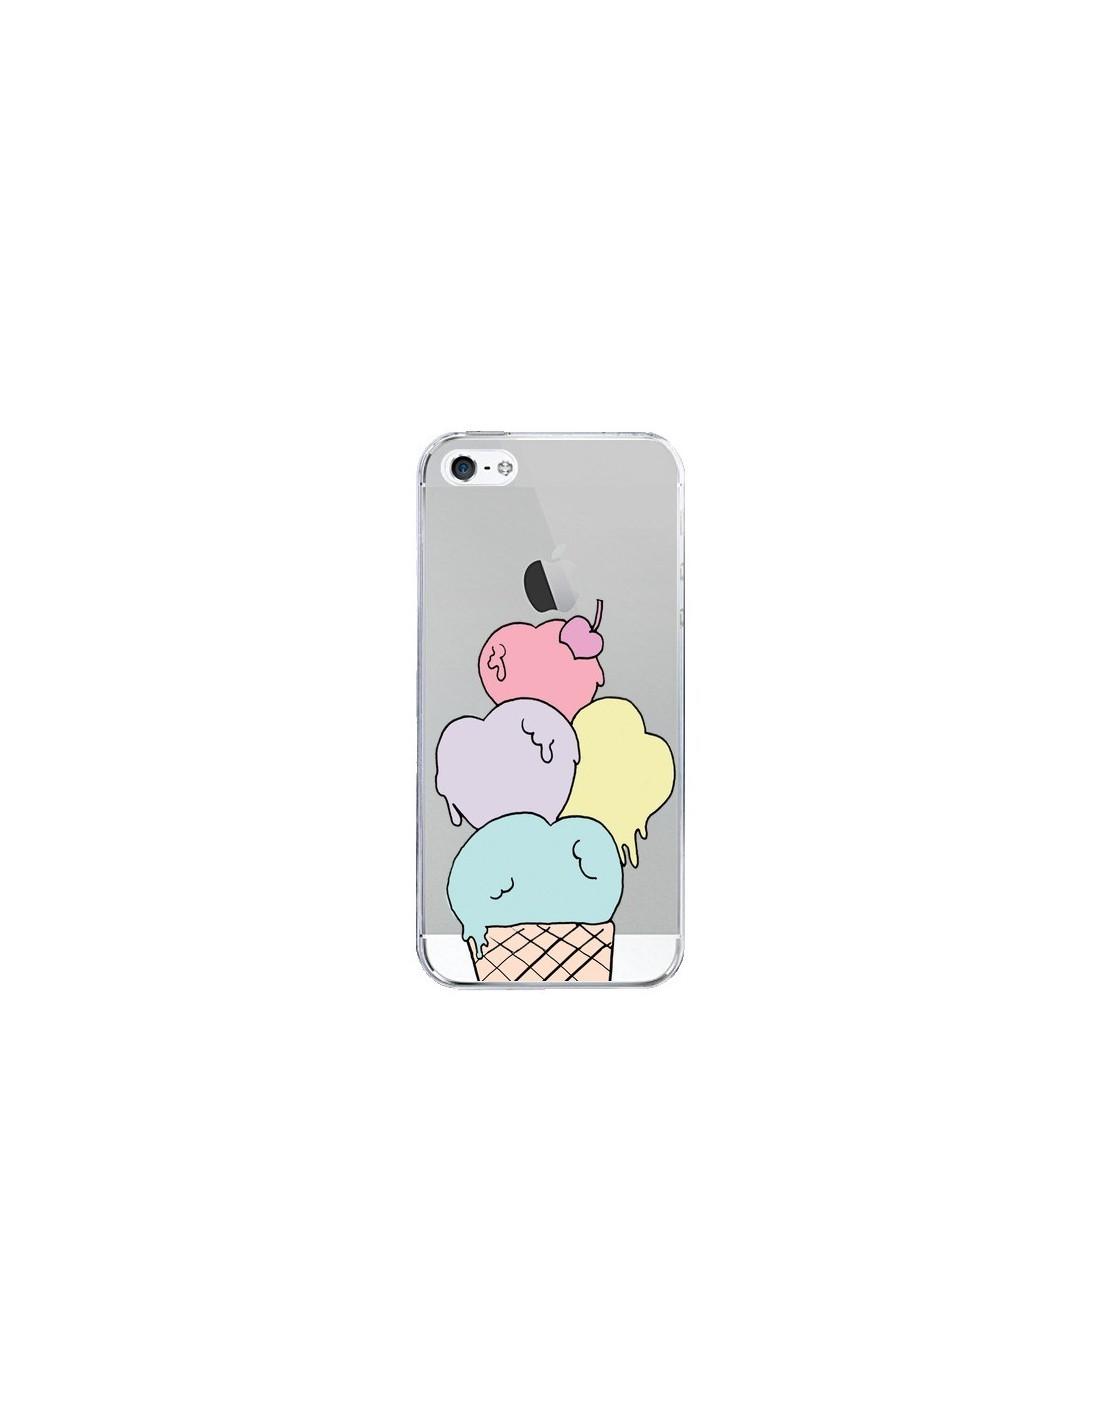 coque iphone 5 5s se ice cream glace summer ete coeur transparente claudia ramos